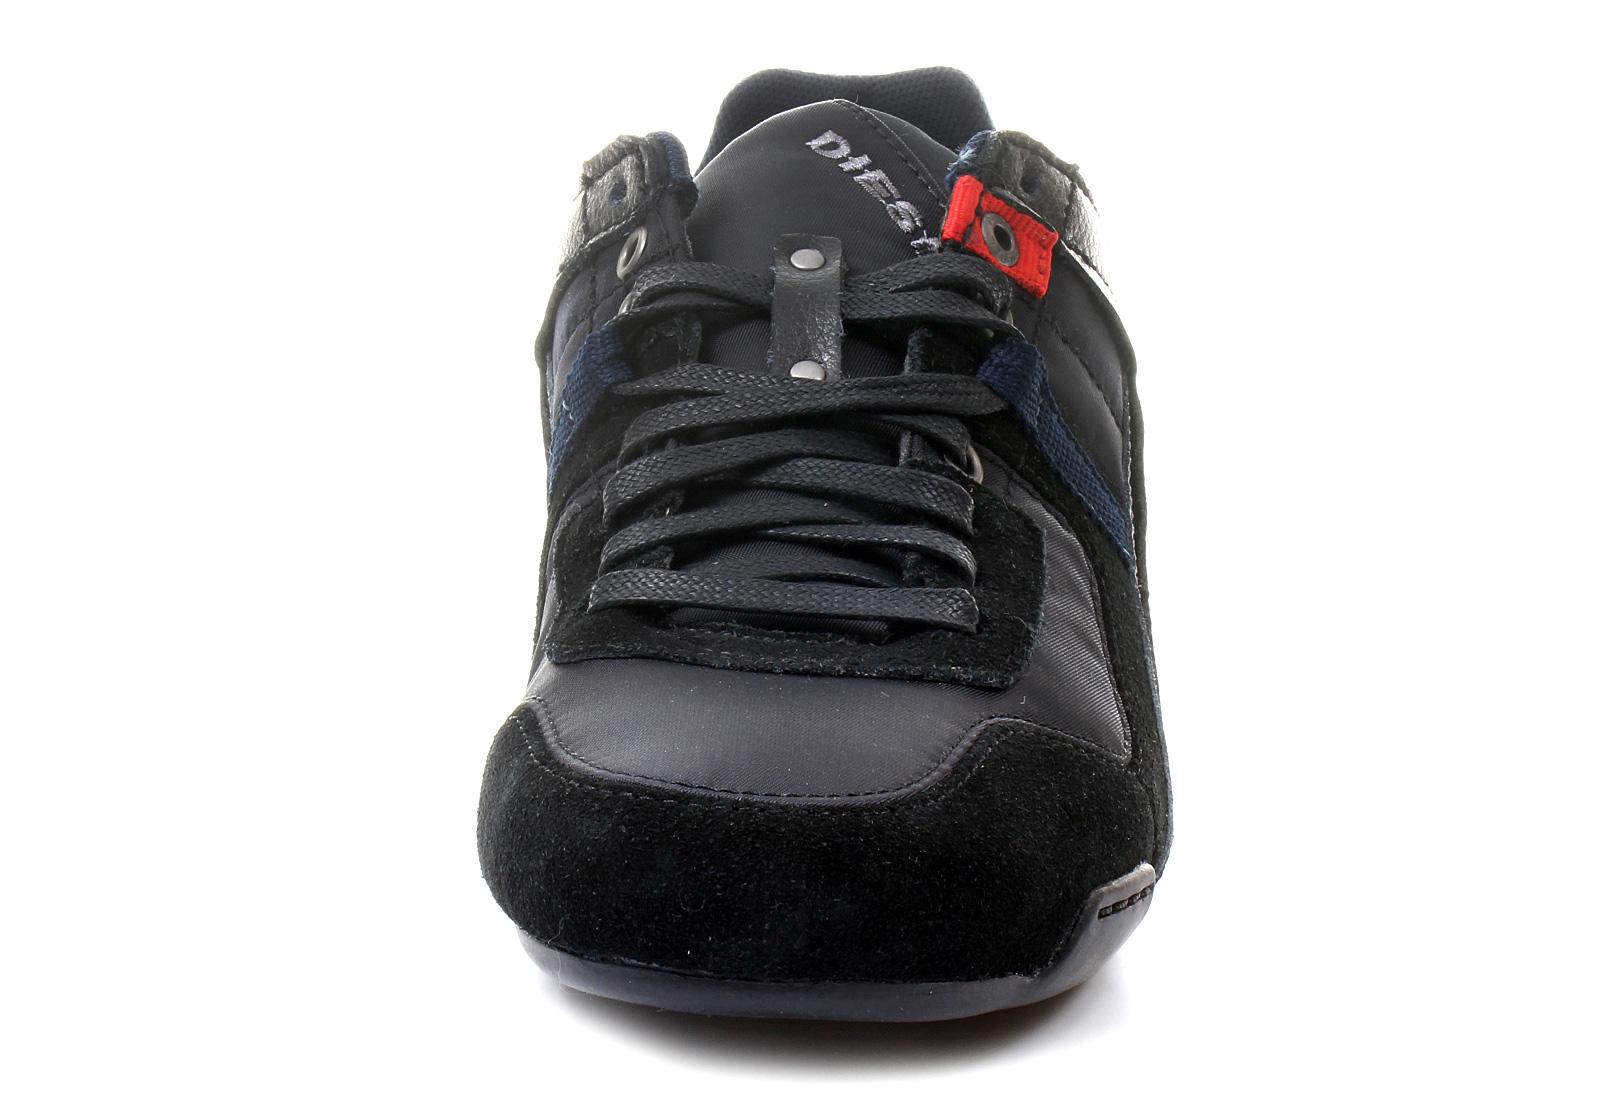 Diesel Shoes - Korbin - 936-334-1554 - Online shop for ...